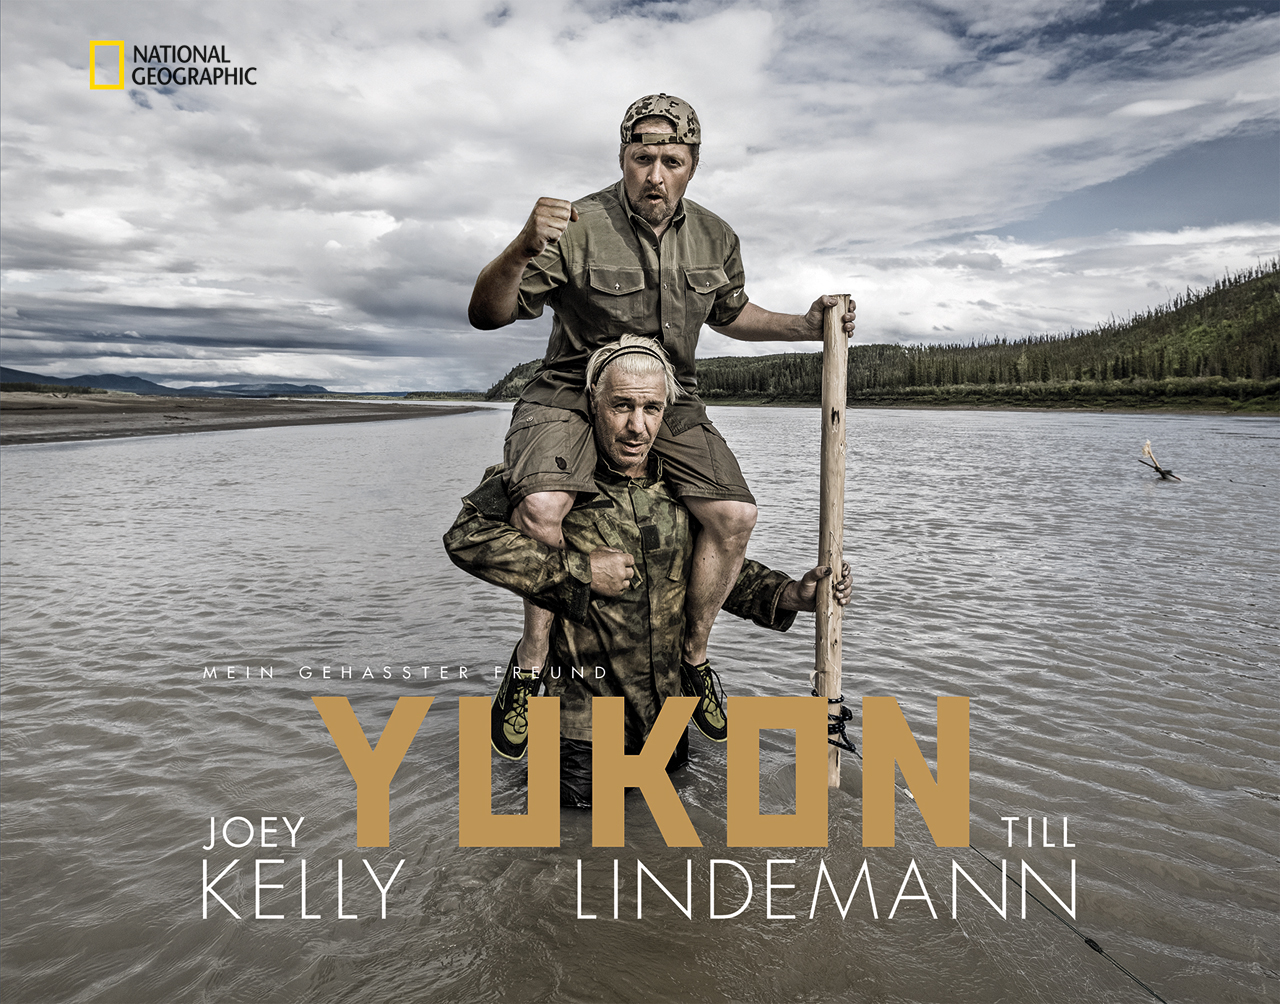 Till Lindemann und Joey Kelly auf Abenteuer